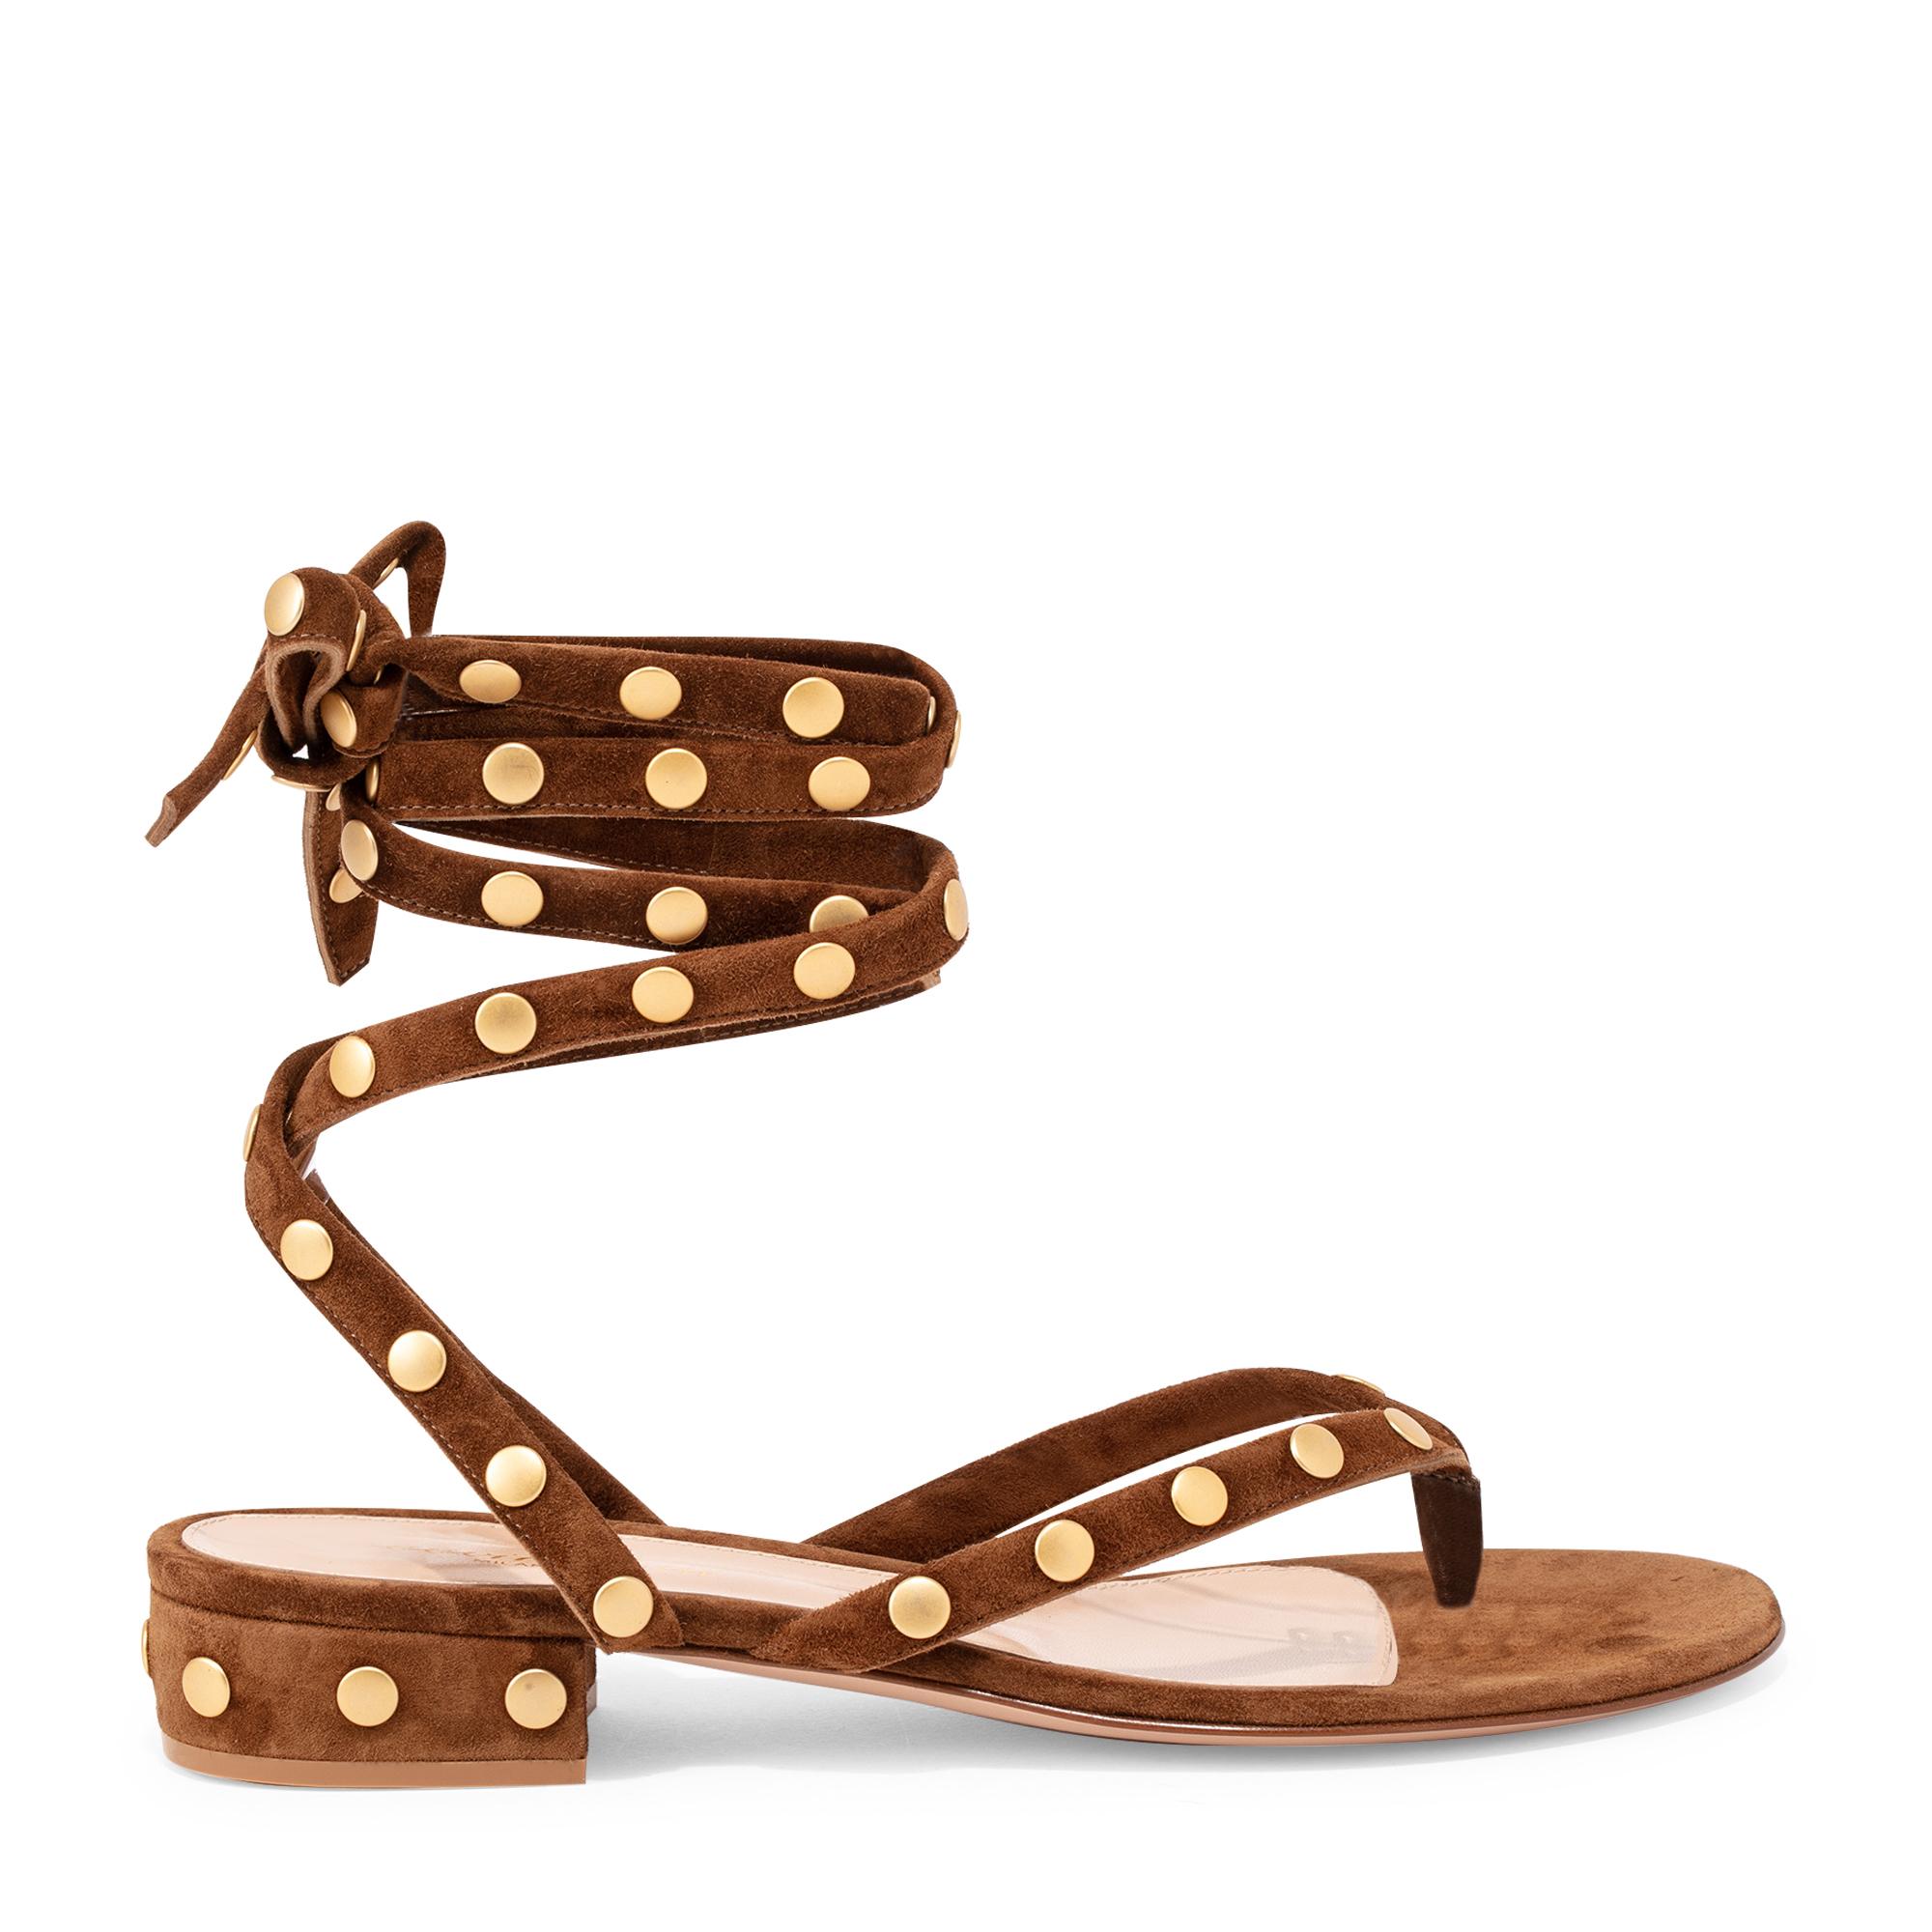 Wraparound suede stud sandals